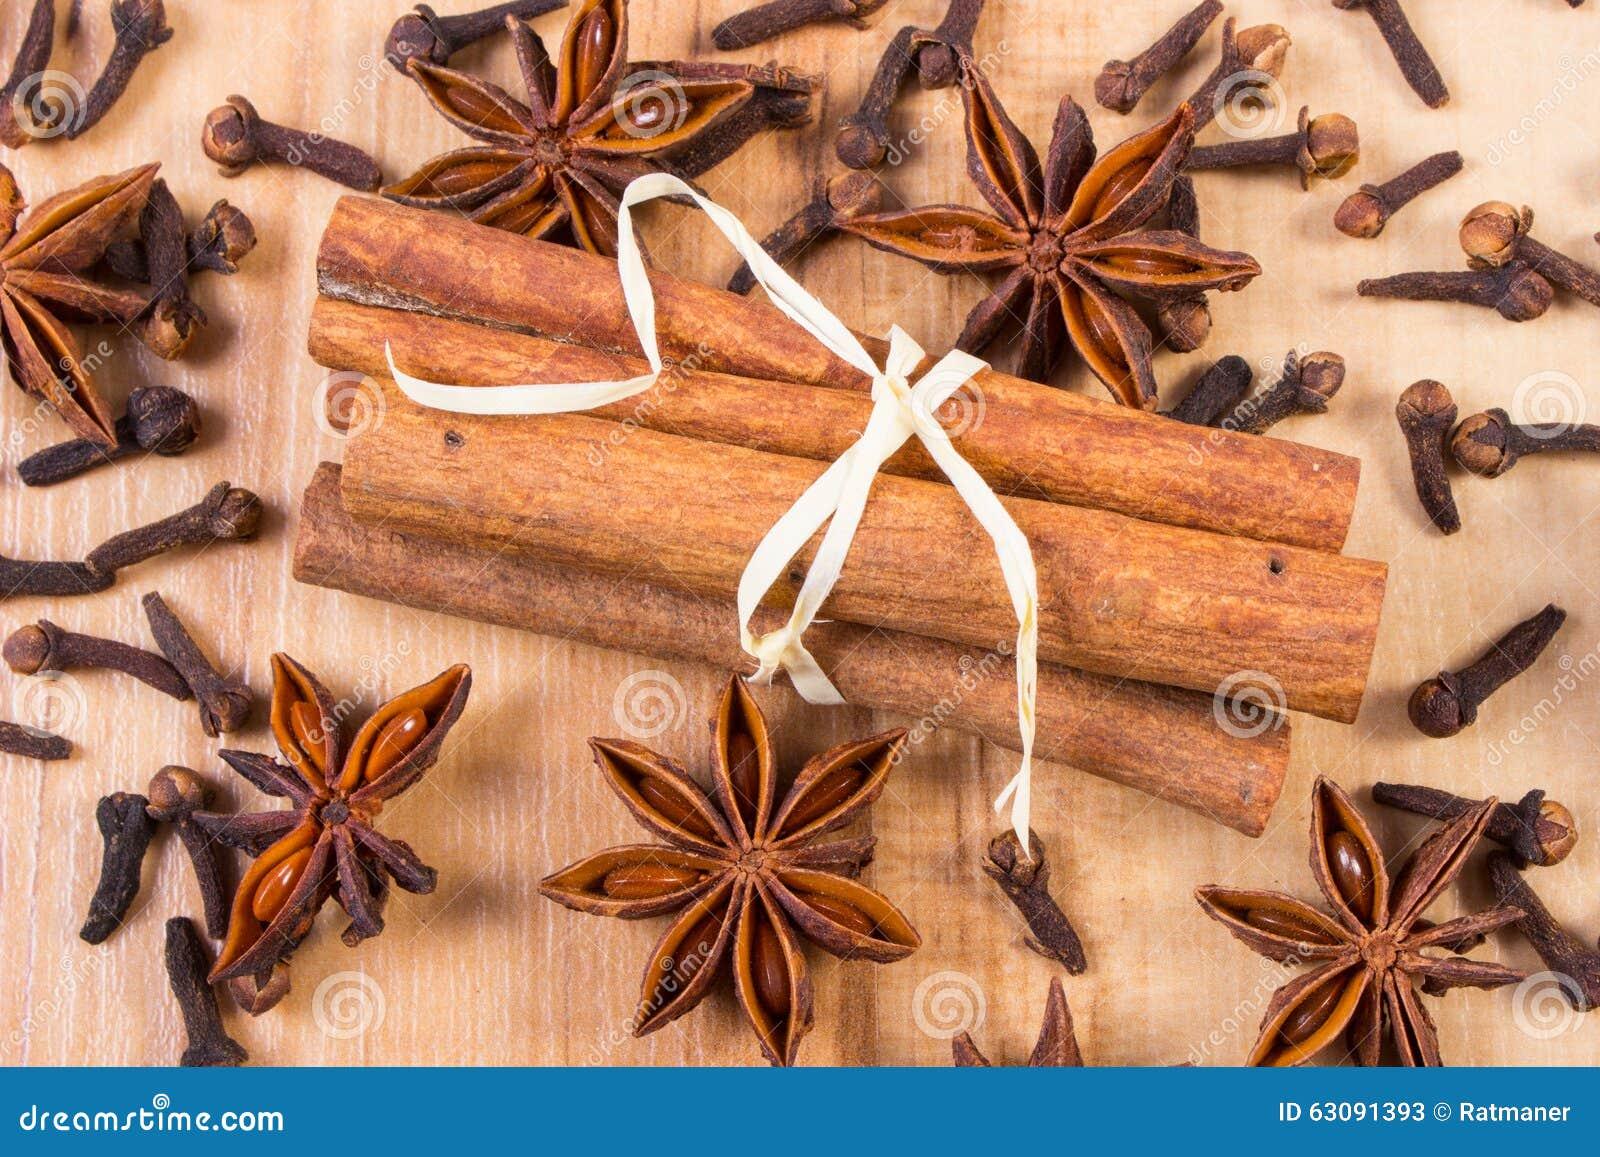 Download Anis D'étoile, Bâtons De Cannelle Et Clous De Girofle Sur La Table En Bois, Assaisonnant Pour La Cuisson Image stock - Image du culinaire, foodstuff: 63091393